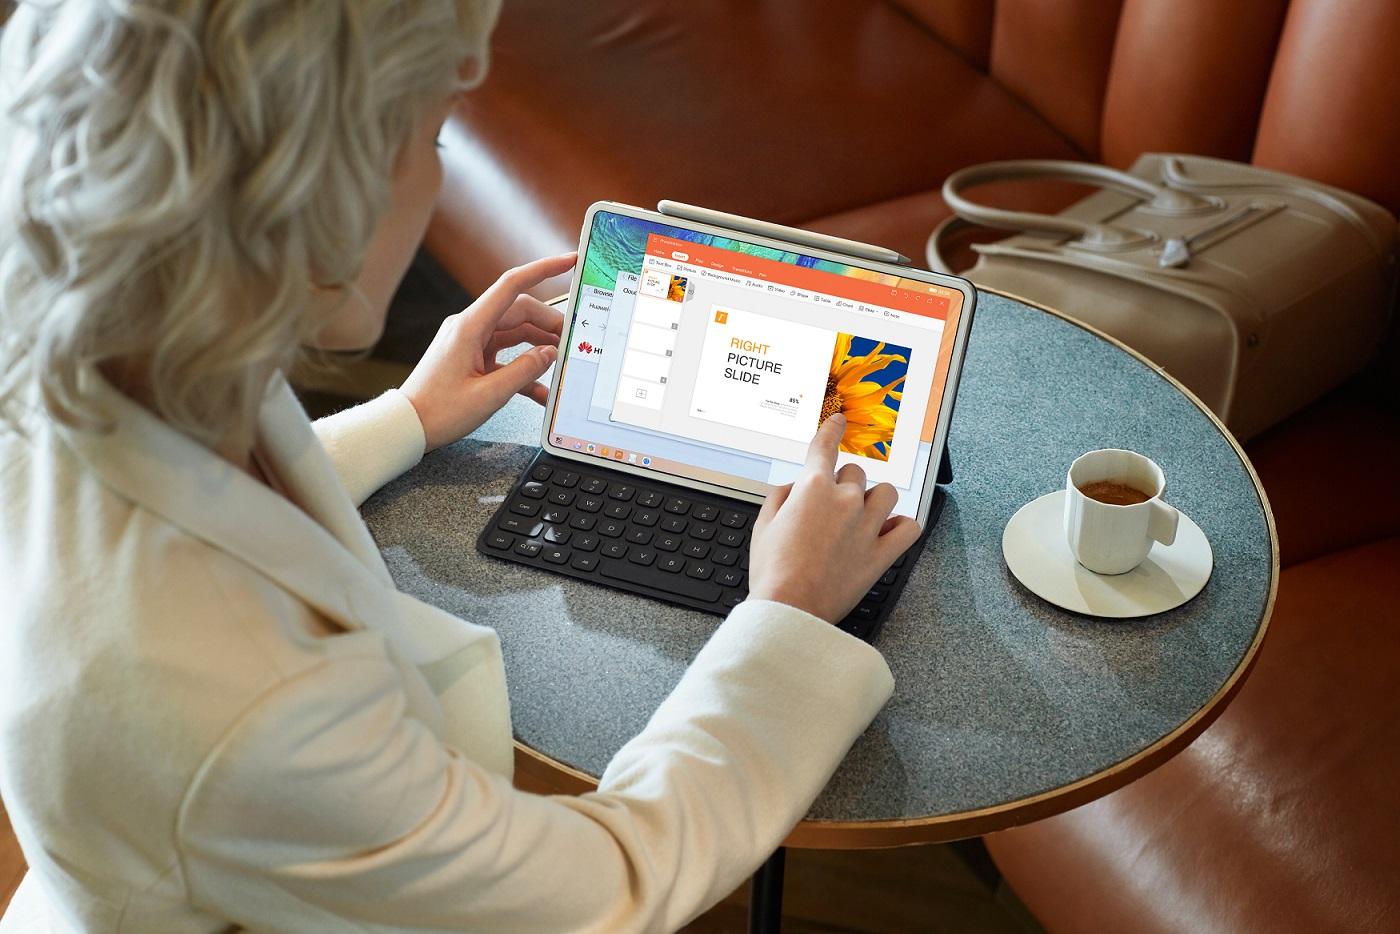 Przedsprzedaż Huawei MatePad Pro w Polsce ruszy jeszcze w tym miesiącu. Są gratisy 16